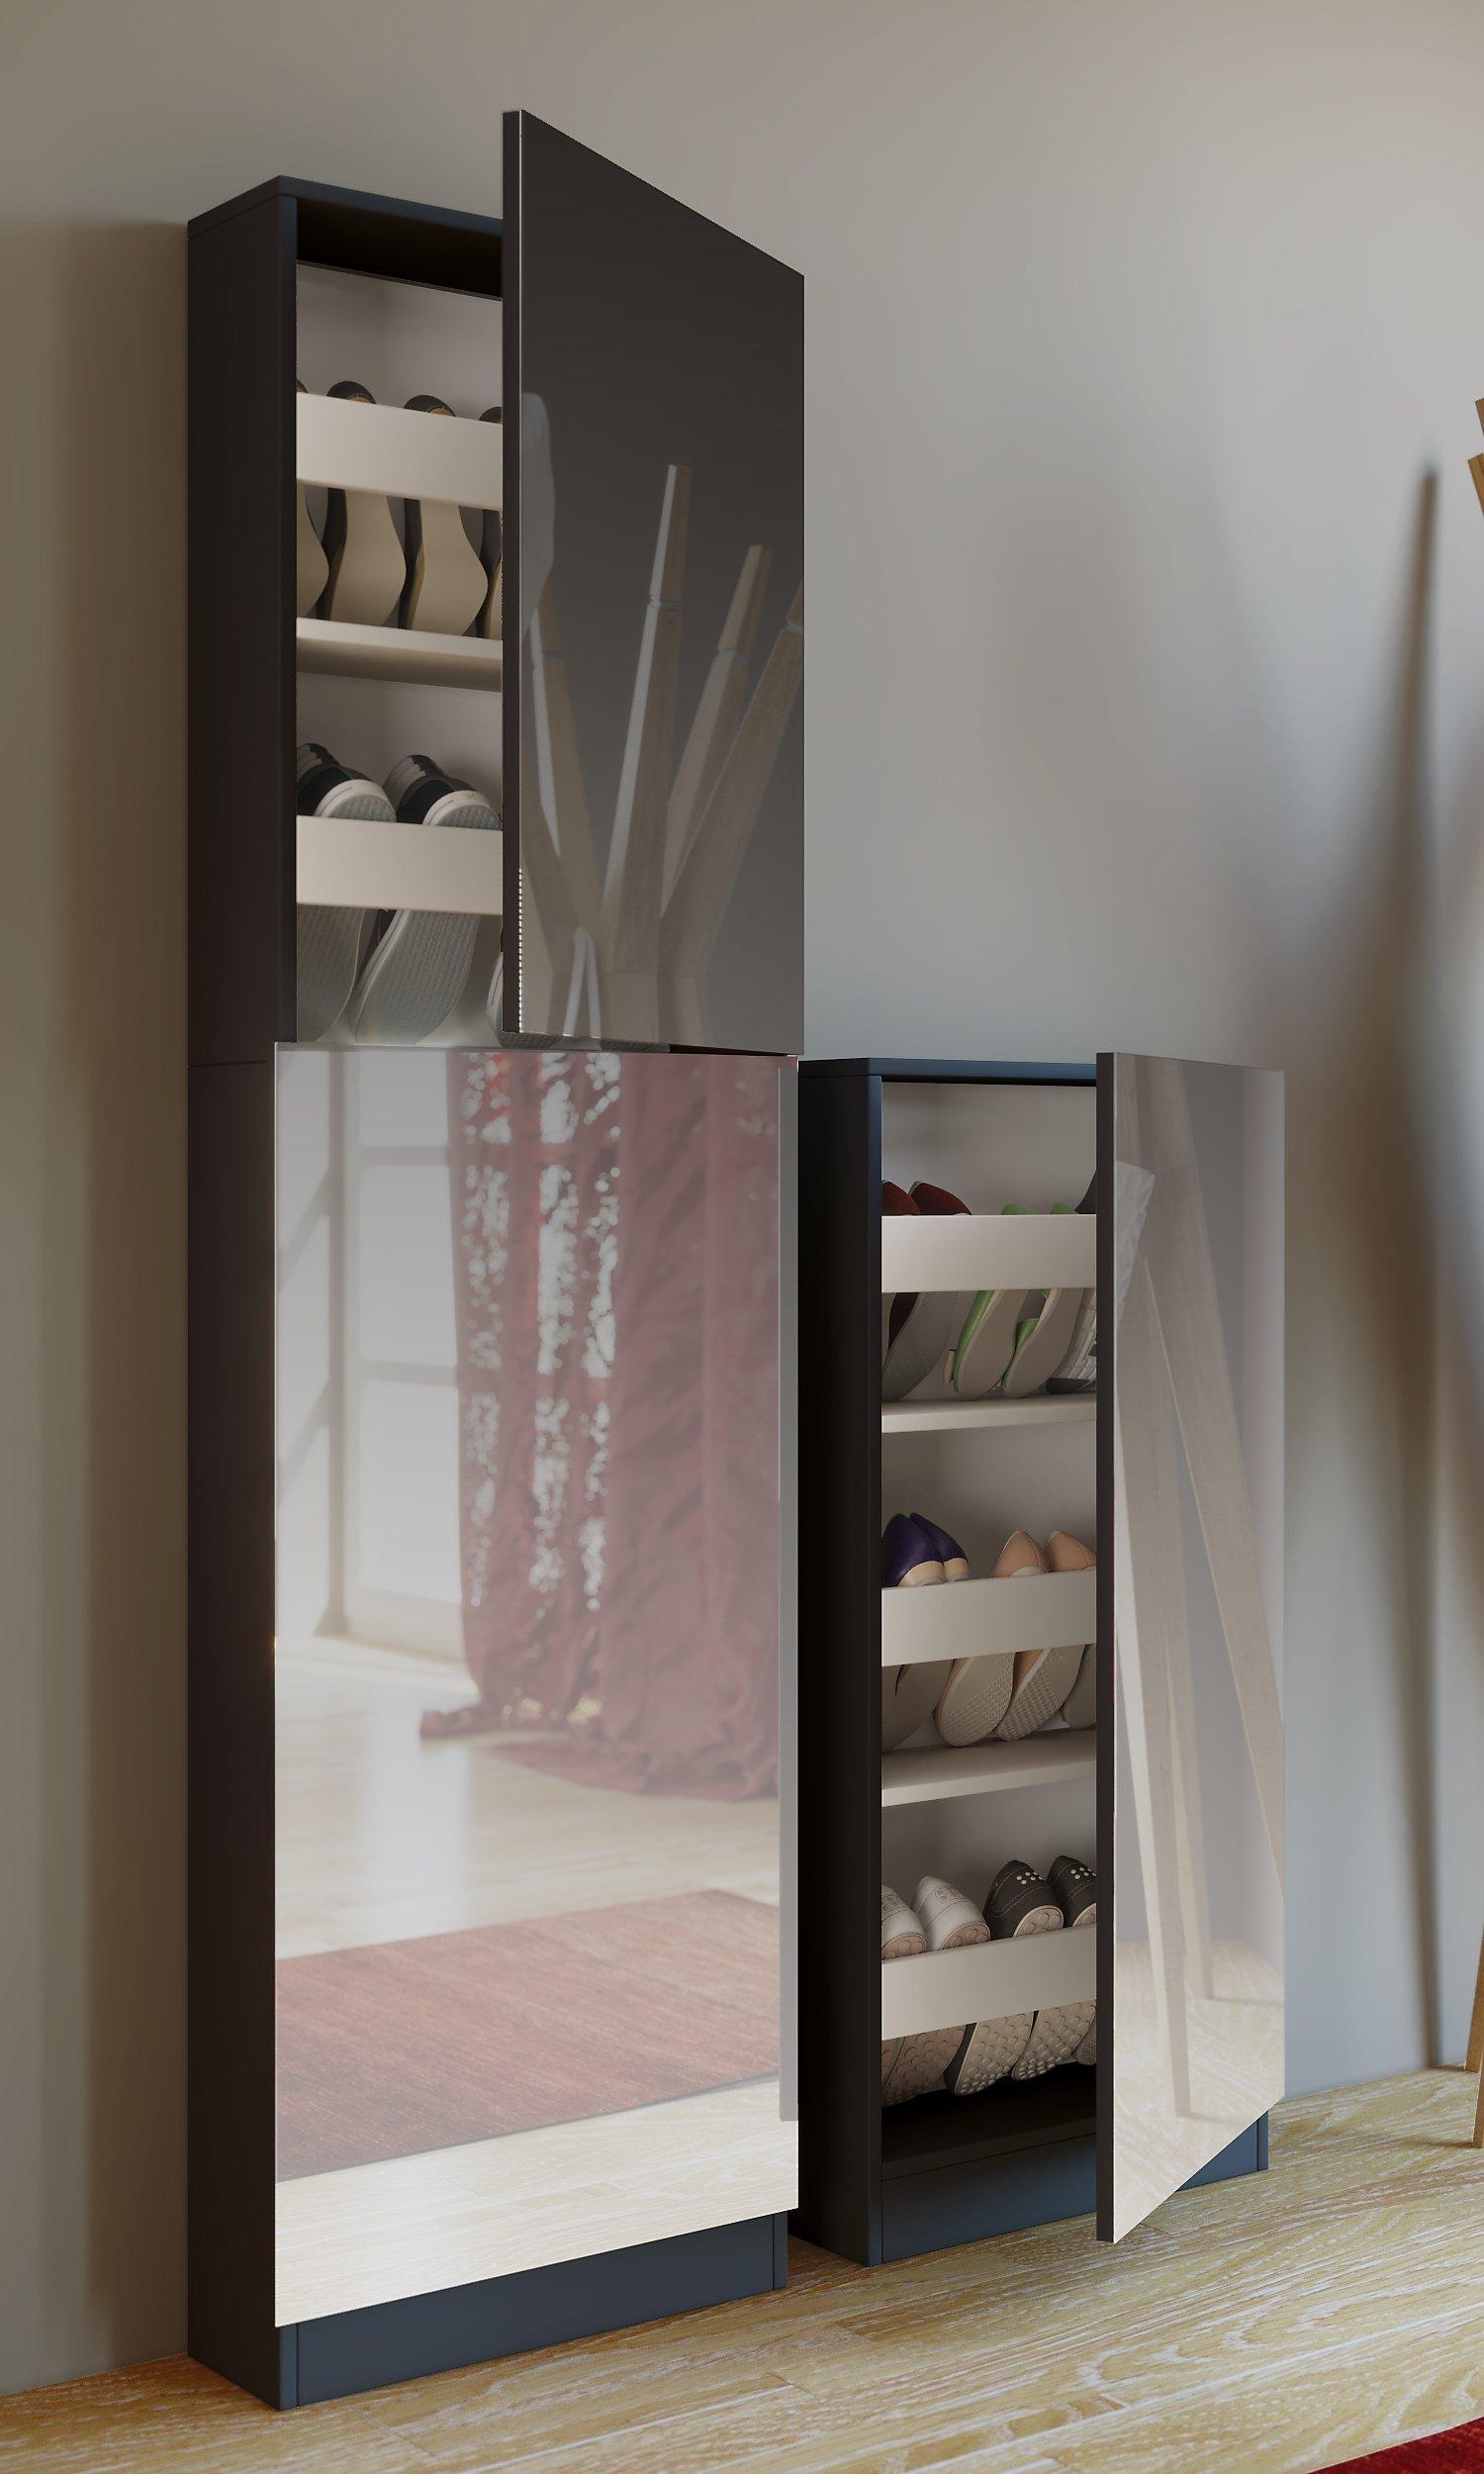 Vcm Schuhschrank Schuhregal Schuhkommode Spiegel Spiegeltur Schrank